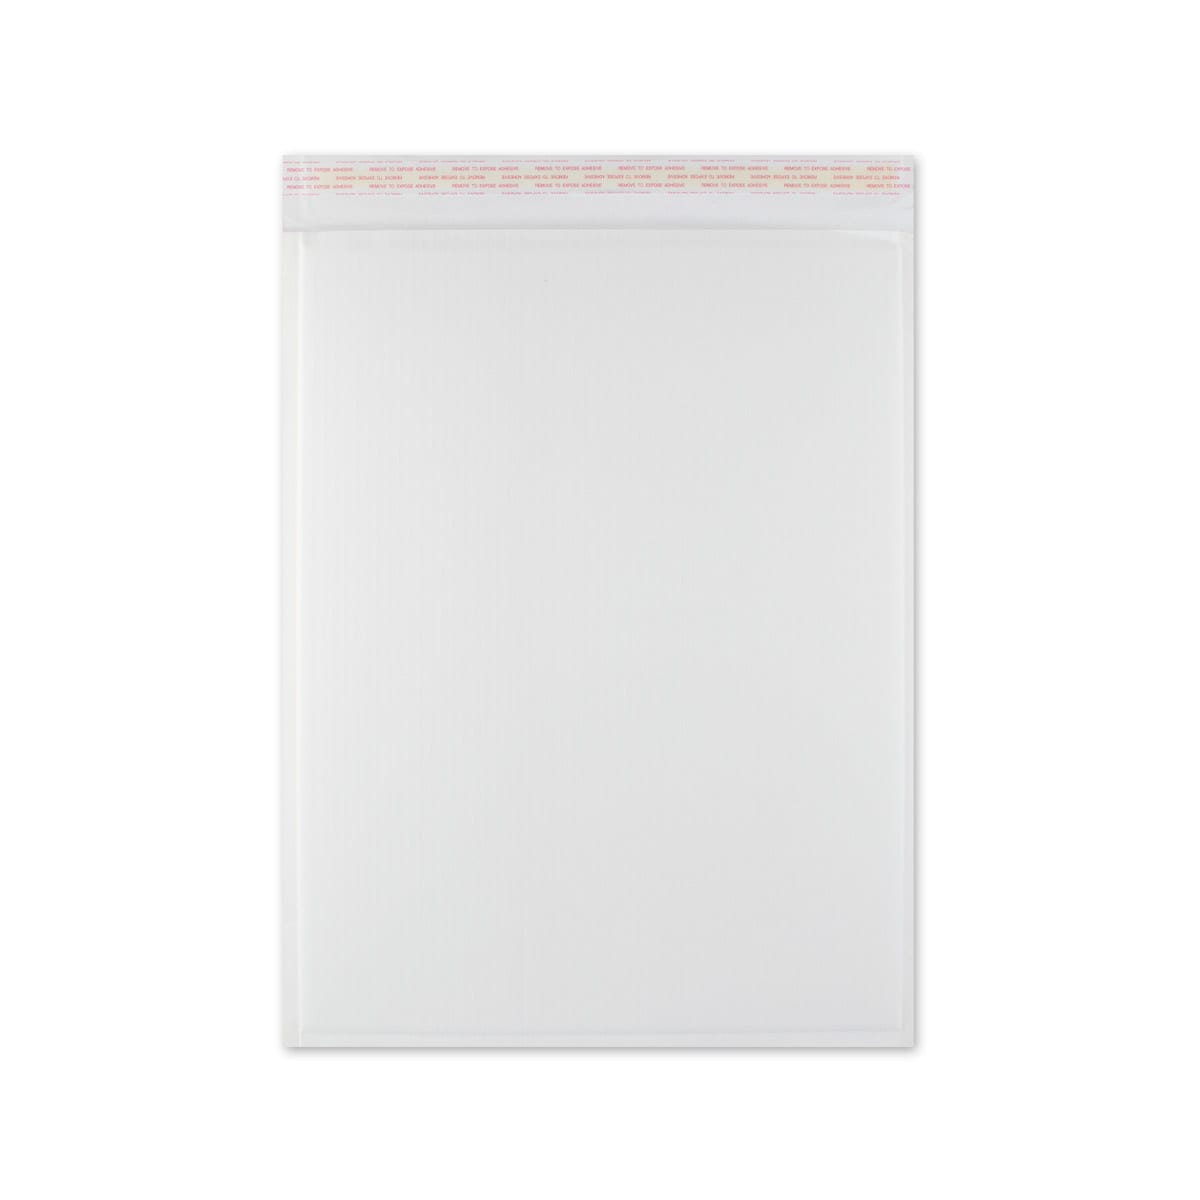 470 x 350mm WHITE PAPER PADDED ENVELOPES